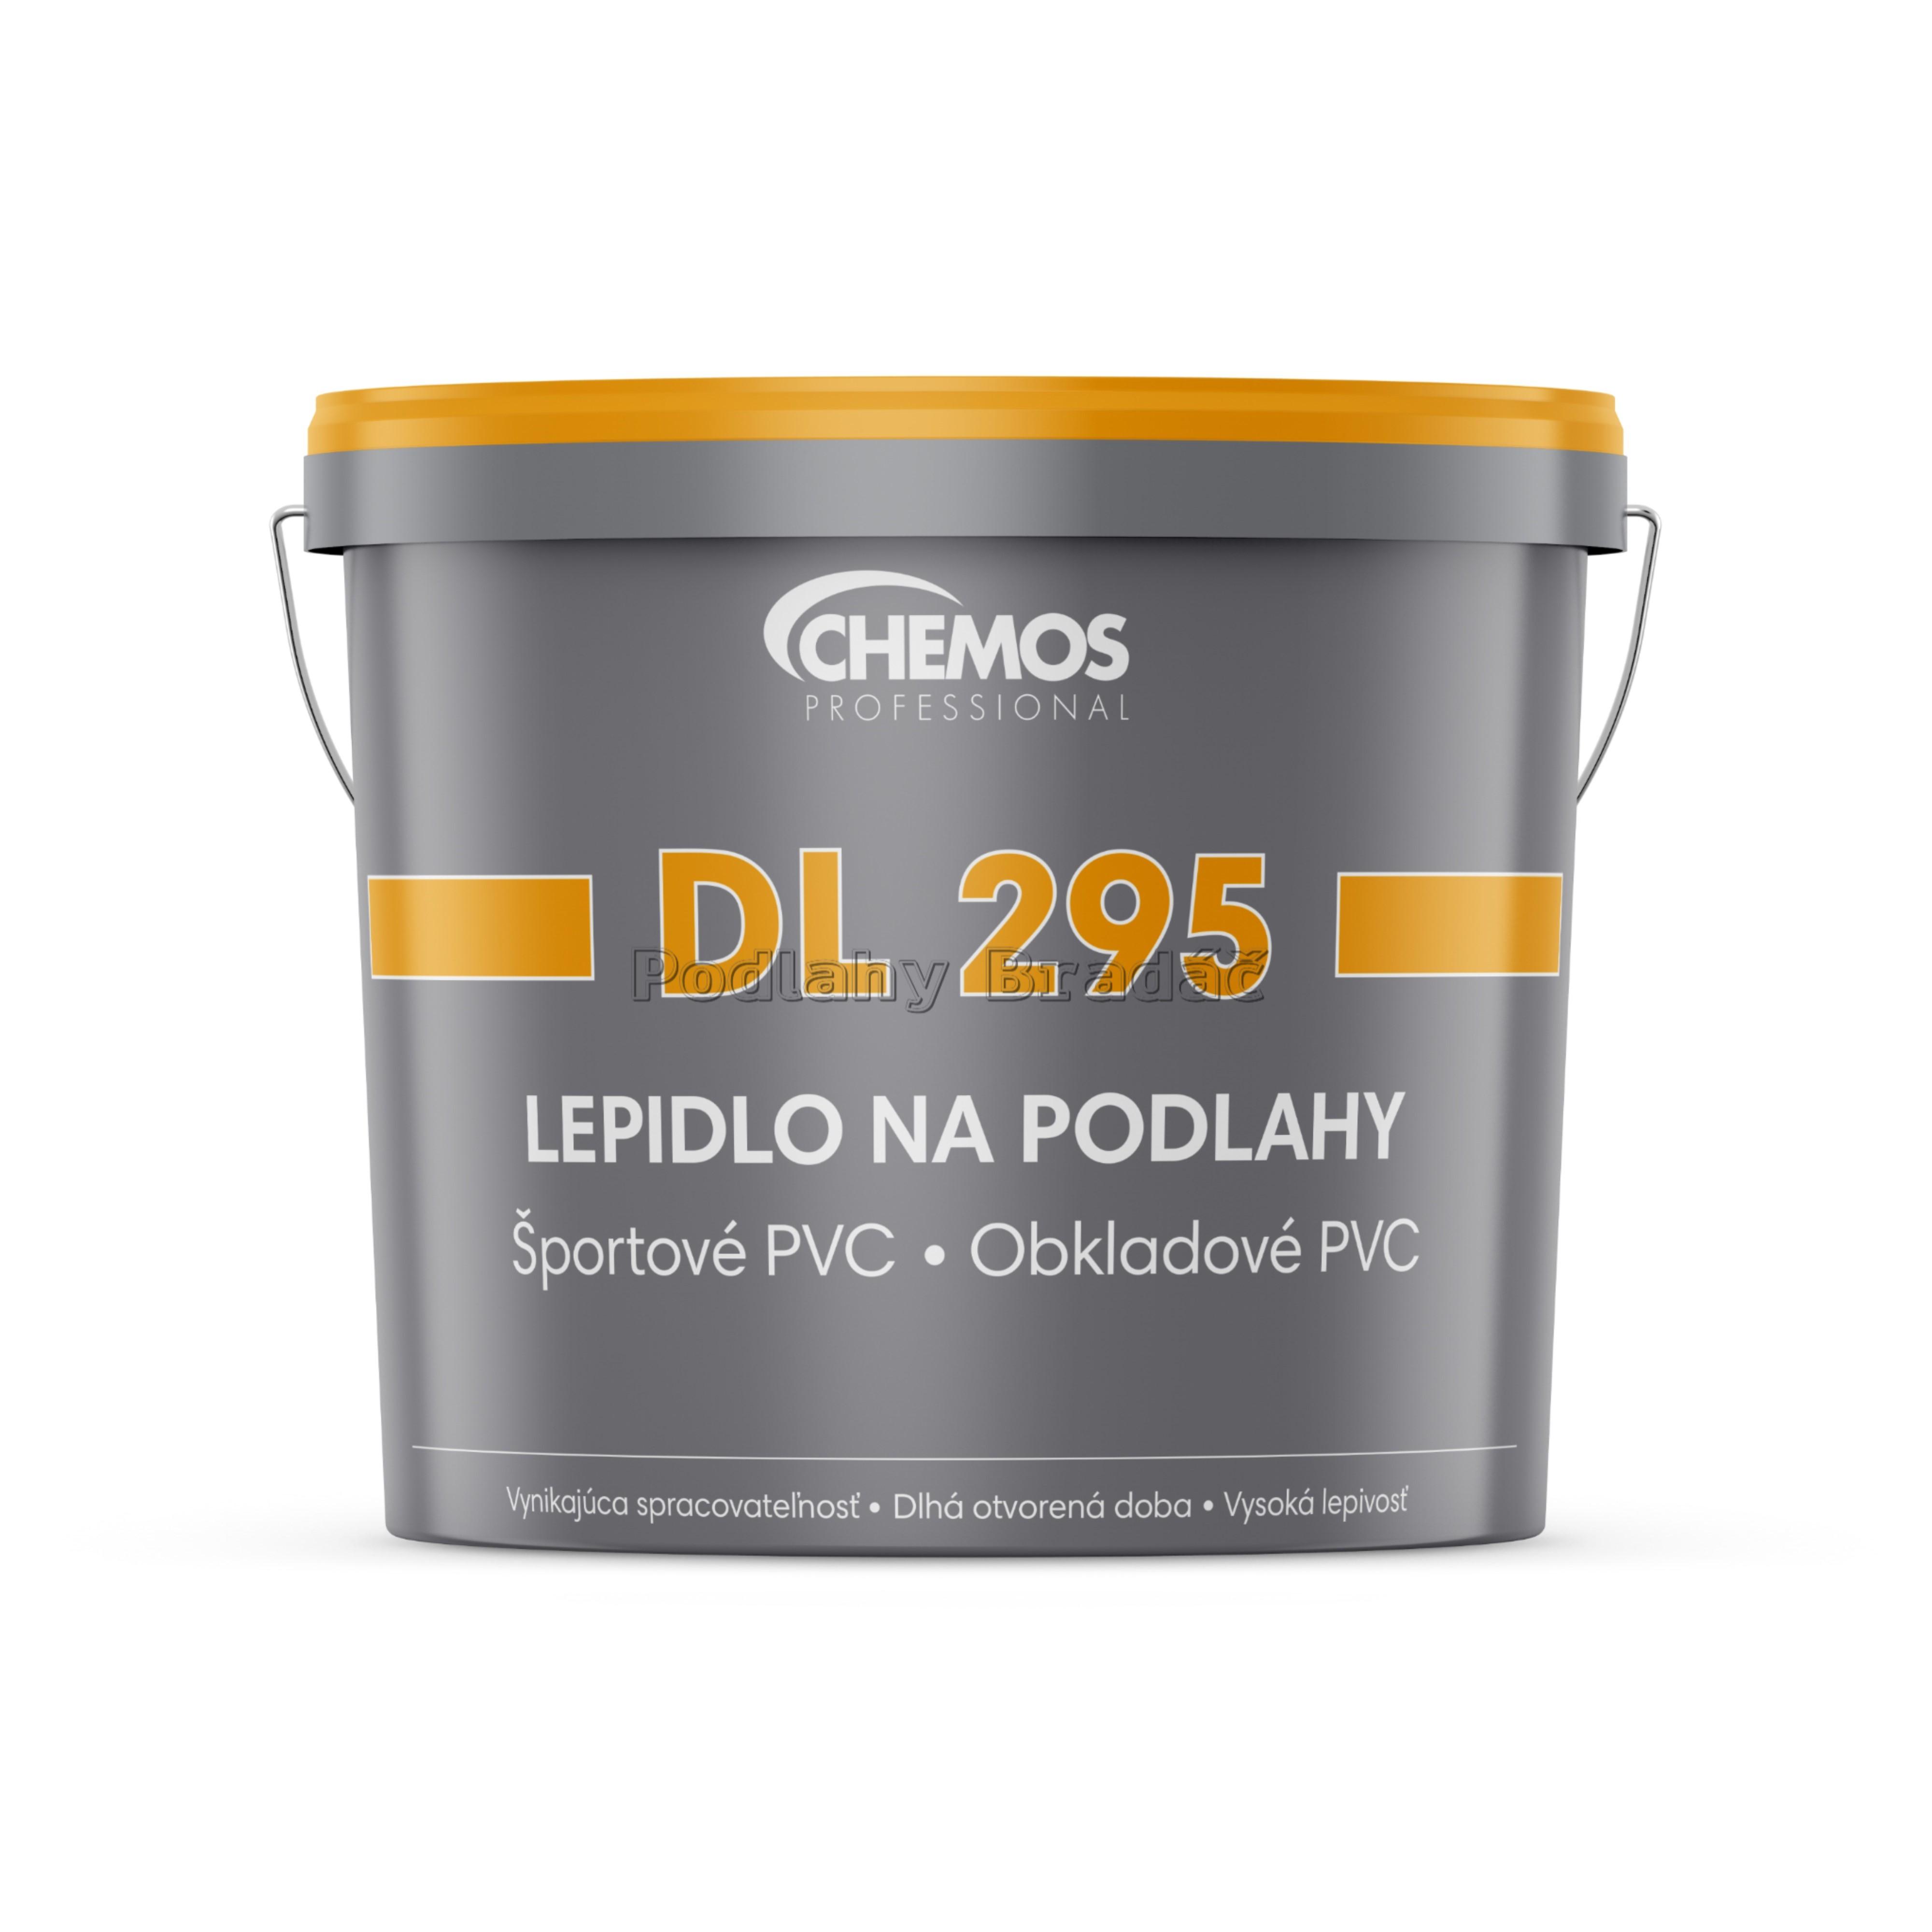 Chemos Chemos DL 295 (Profilep 295 6kg)